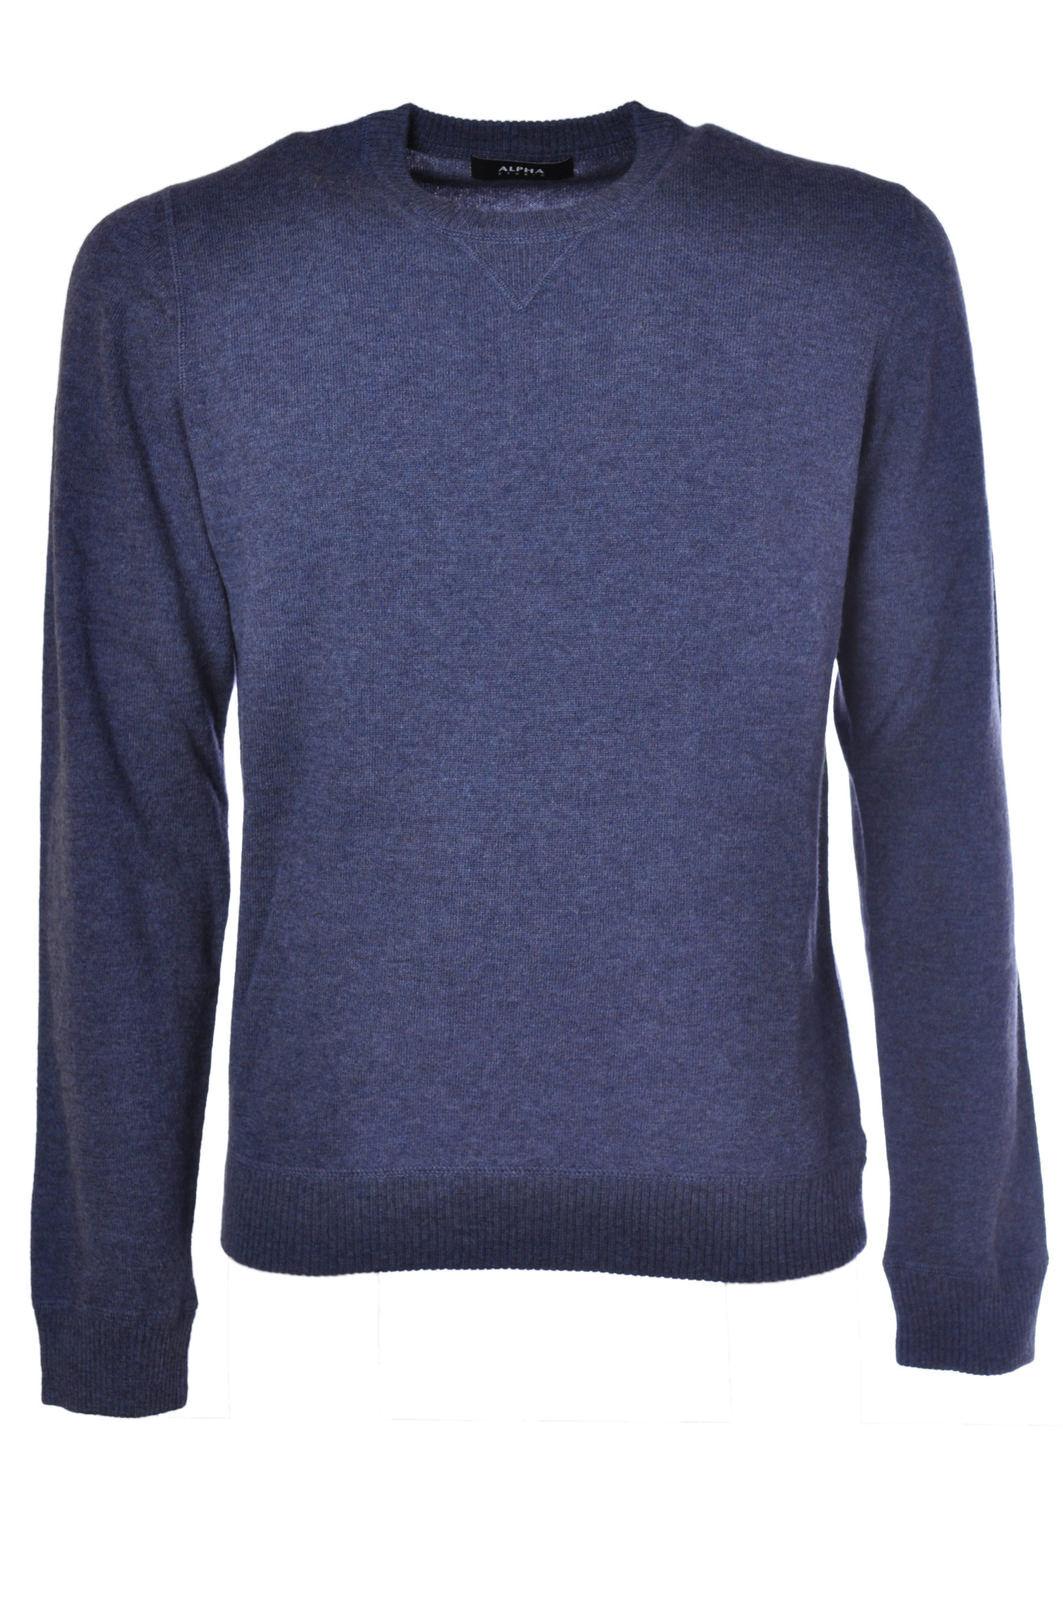 Alpha - Knitwear-Sweaters - Man - Blau - 441515C183525